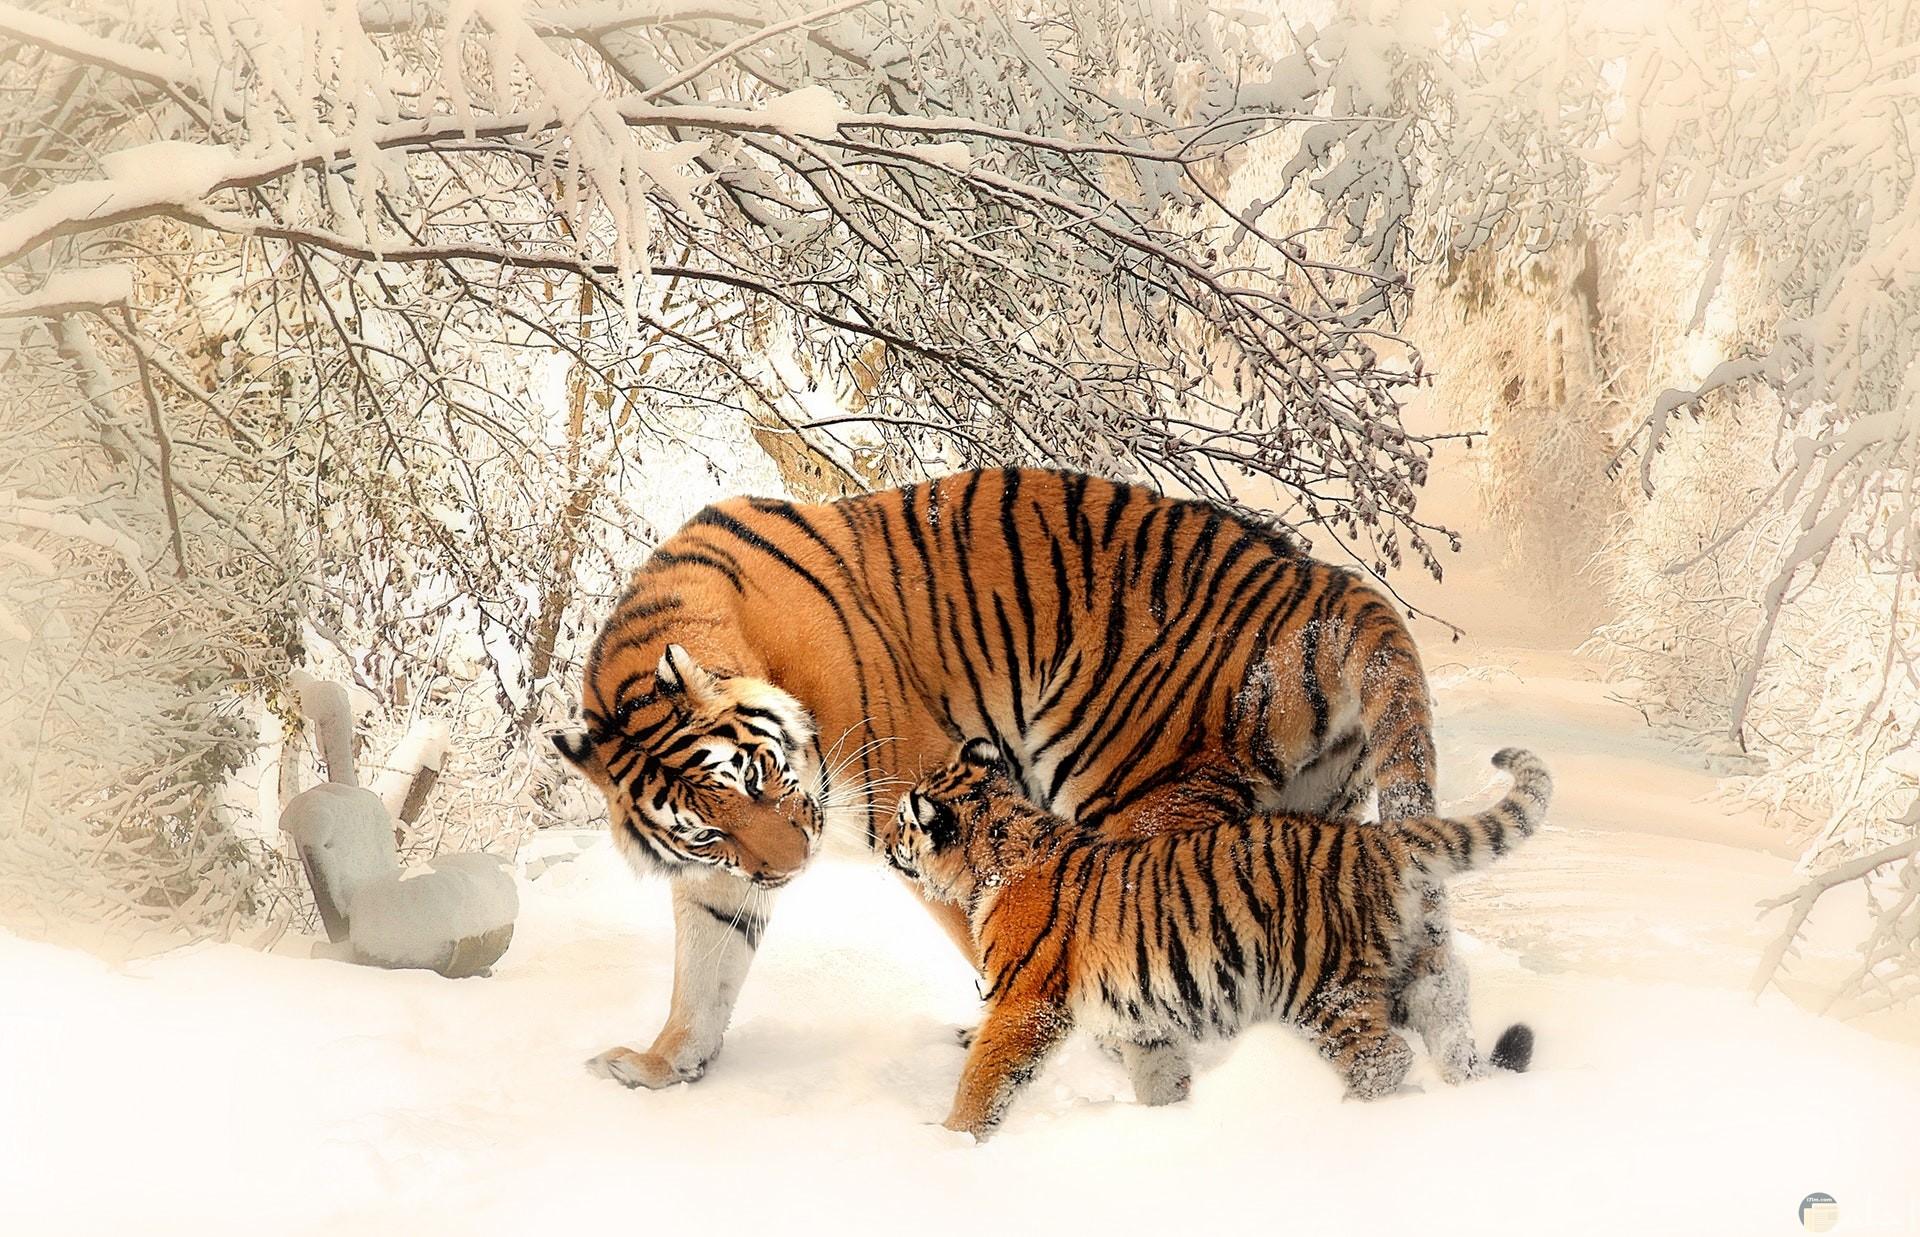 صورة جميلة لنمر مع نمر صغير إبنه في غابة ممتلئة بالثلوج